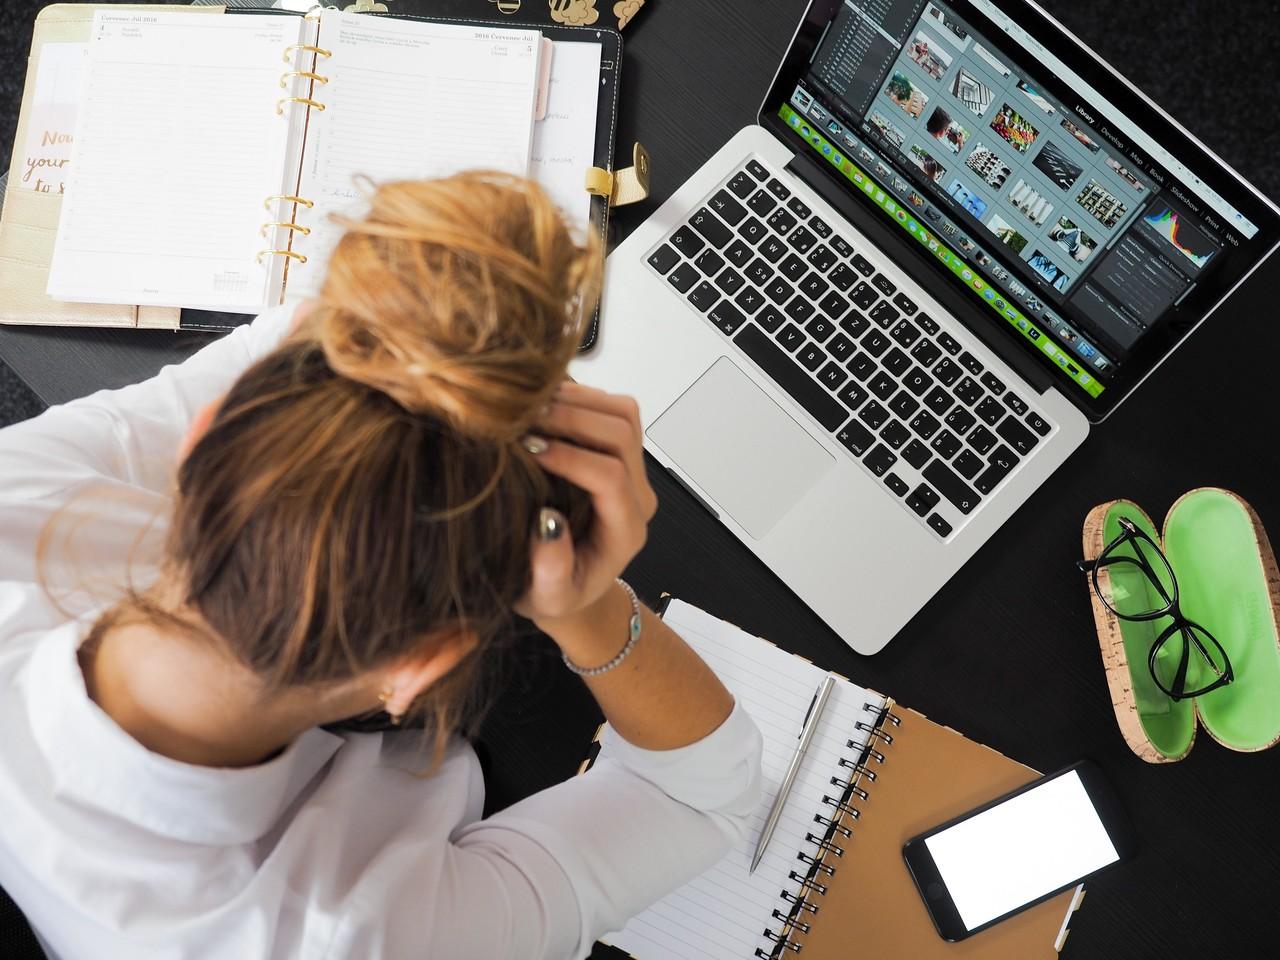 パソコンの前で「商用イラストがいいのか、ストックイラストがいいのか…」と頭を抱える女性